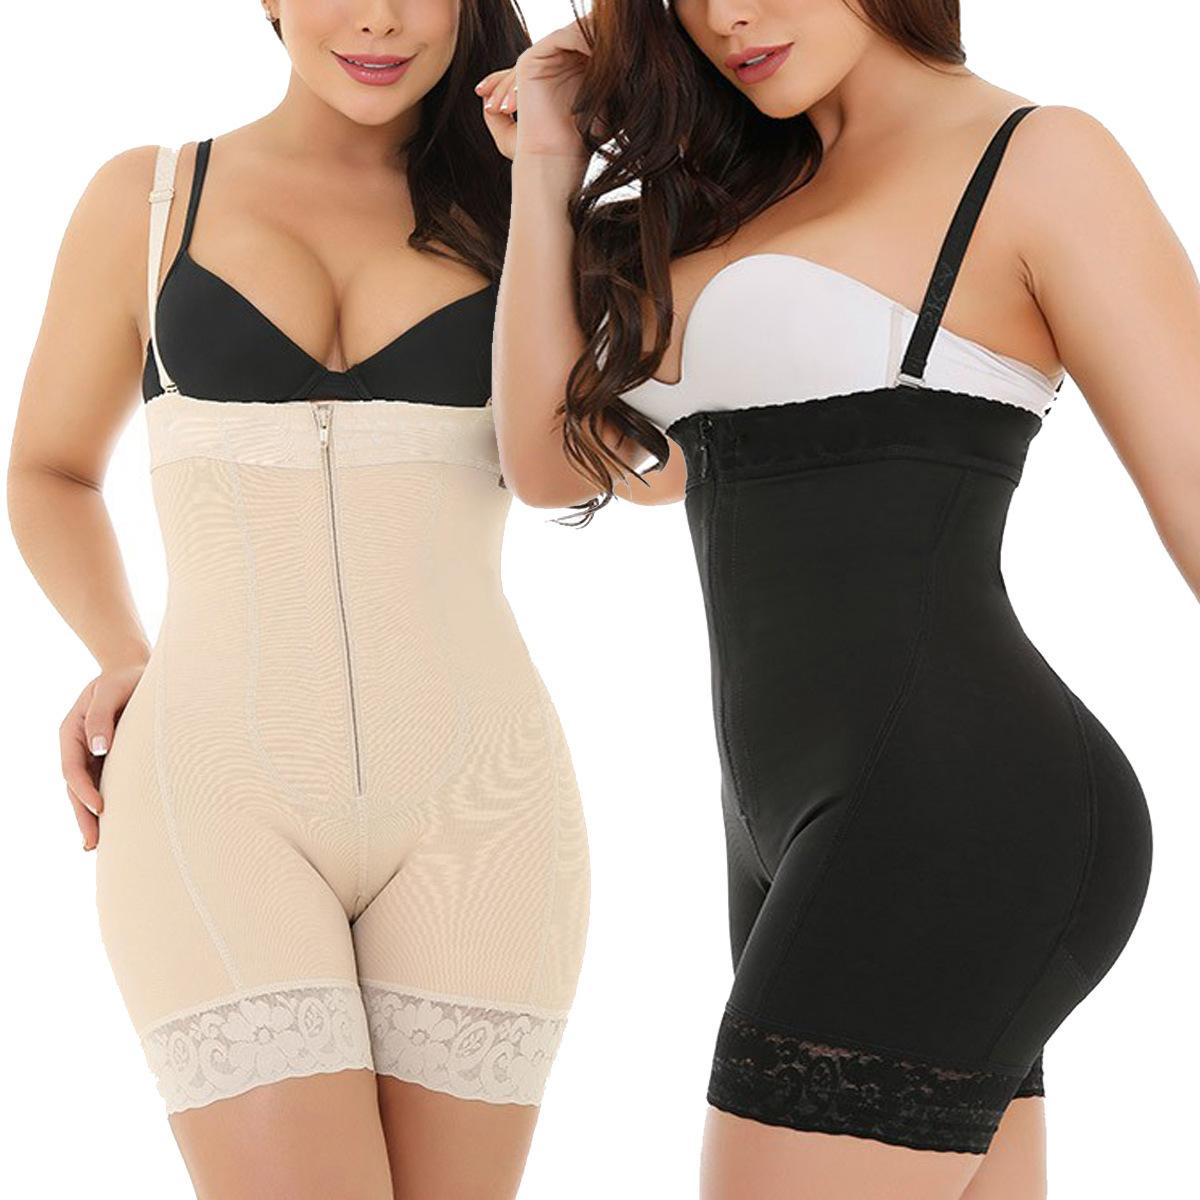 Más el tamaño 6XL la talladora del cuerpo que adelgaza la ropa interior de las mujeres de control de la panza transpirable Fajas del cordón atractivo Bodyshaper cremallera Negro Caqui